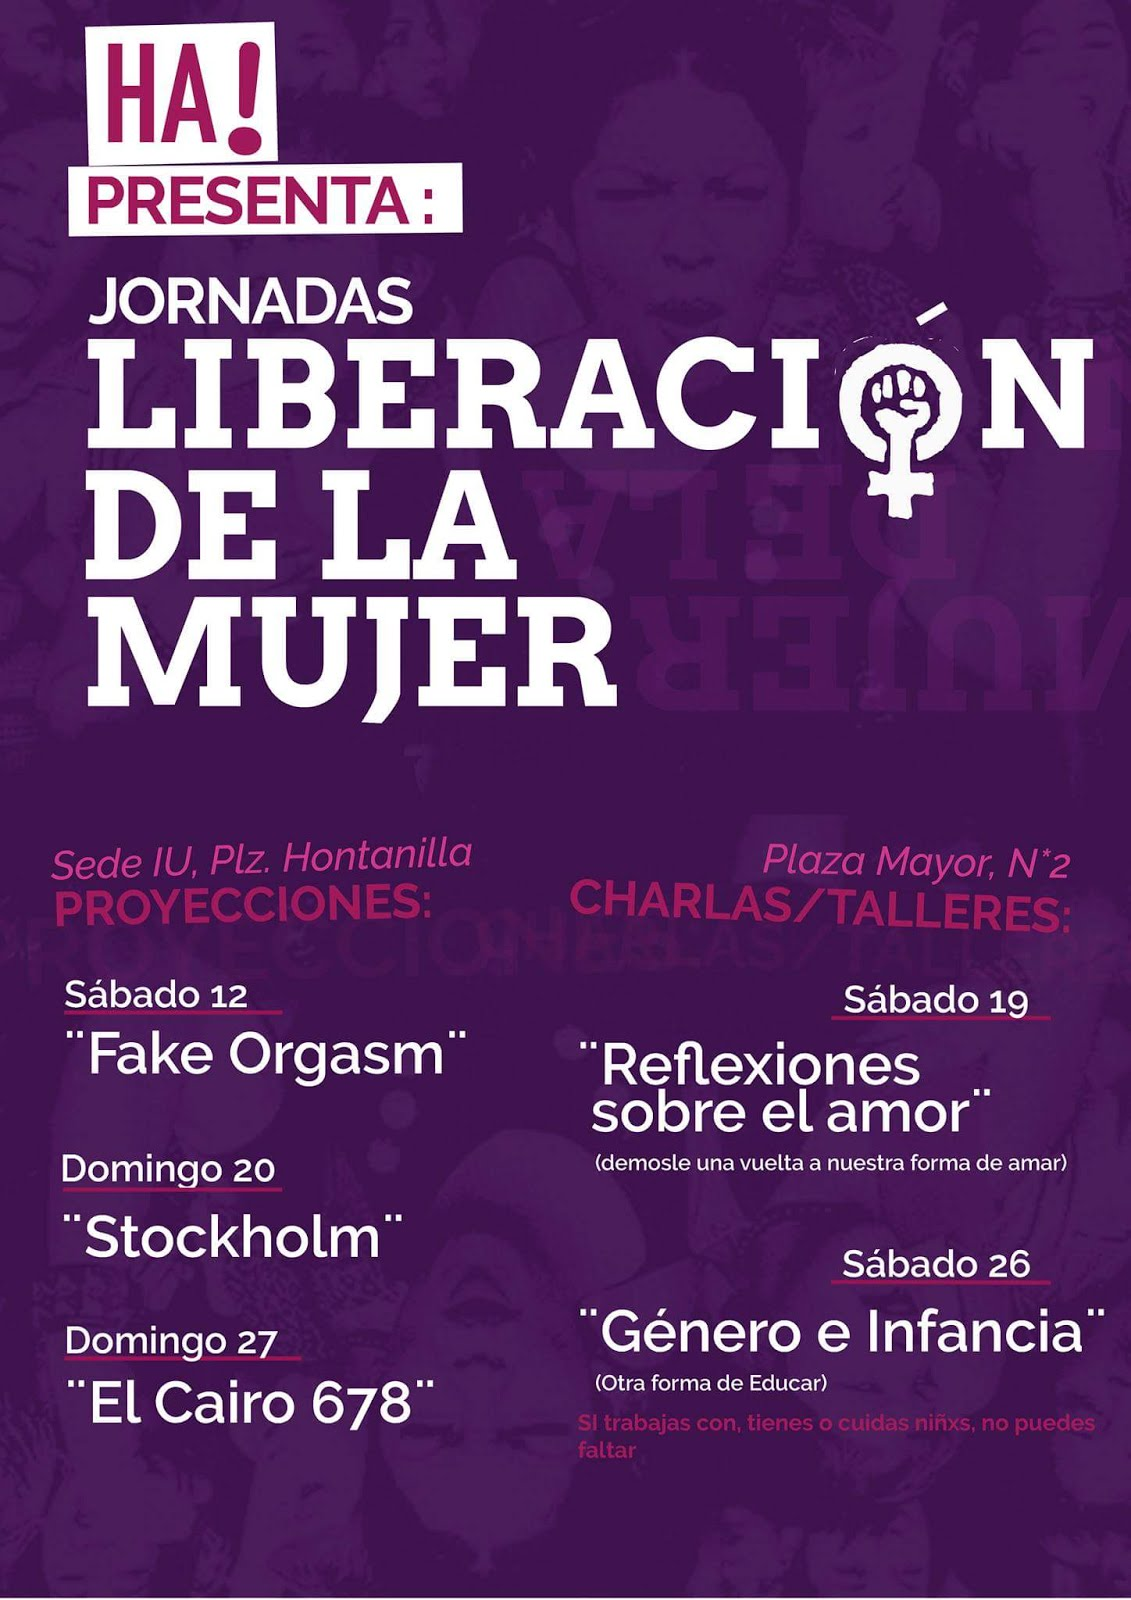 Jornadas de liberación de la mujer